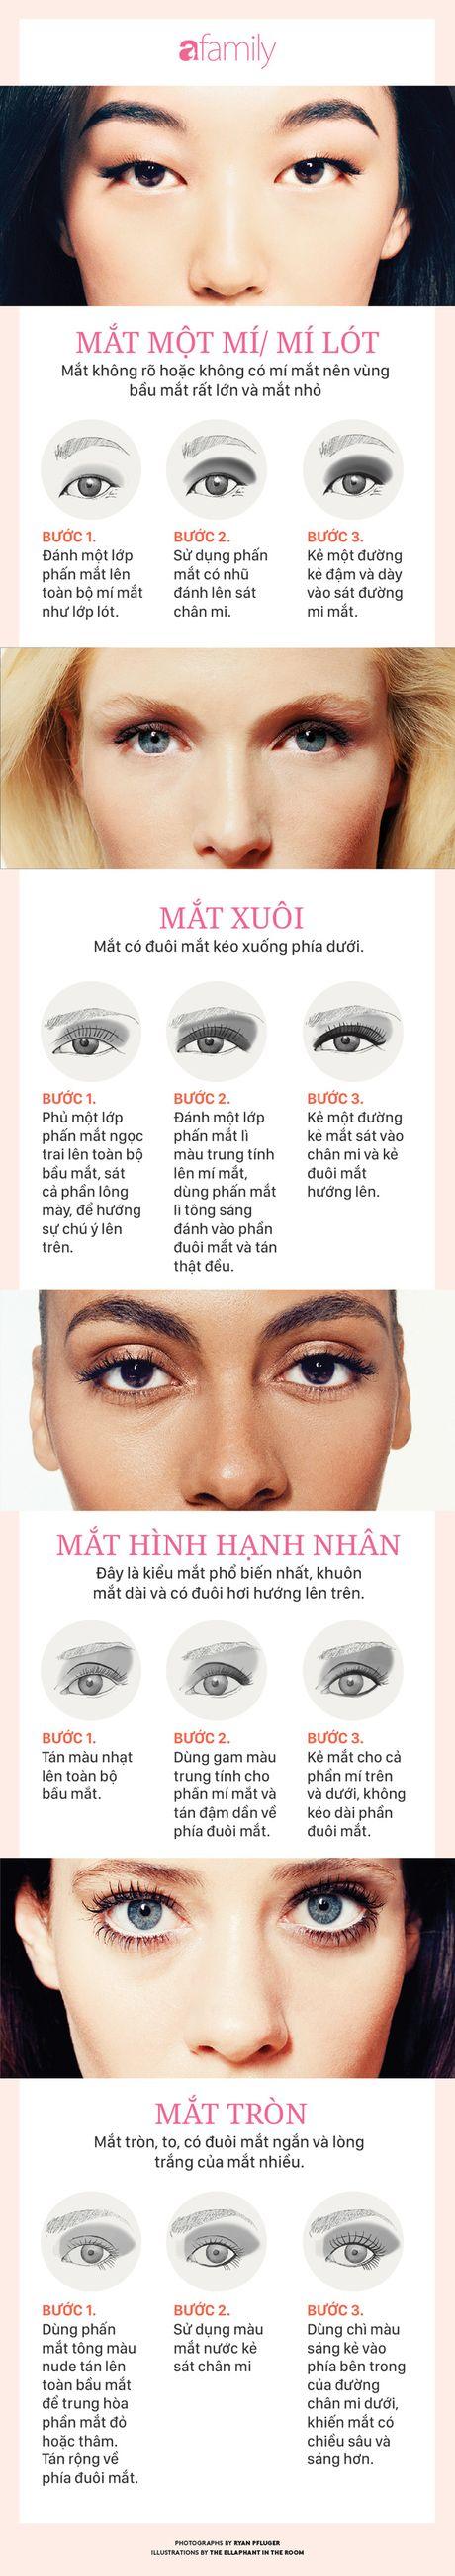 Học cách trang điểm phù hợp với từng dáng mắt